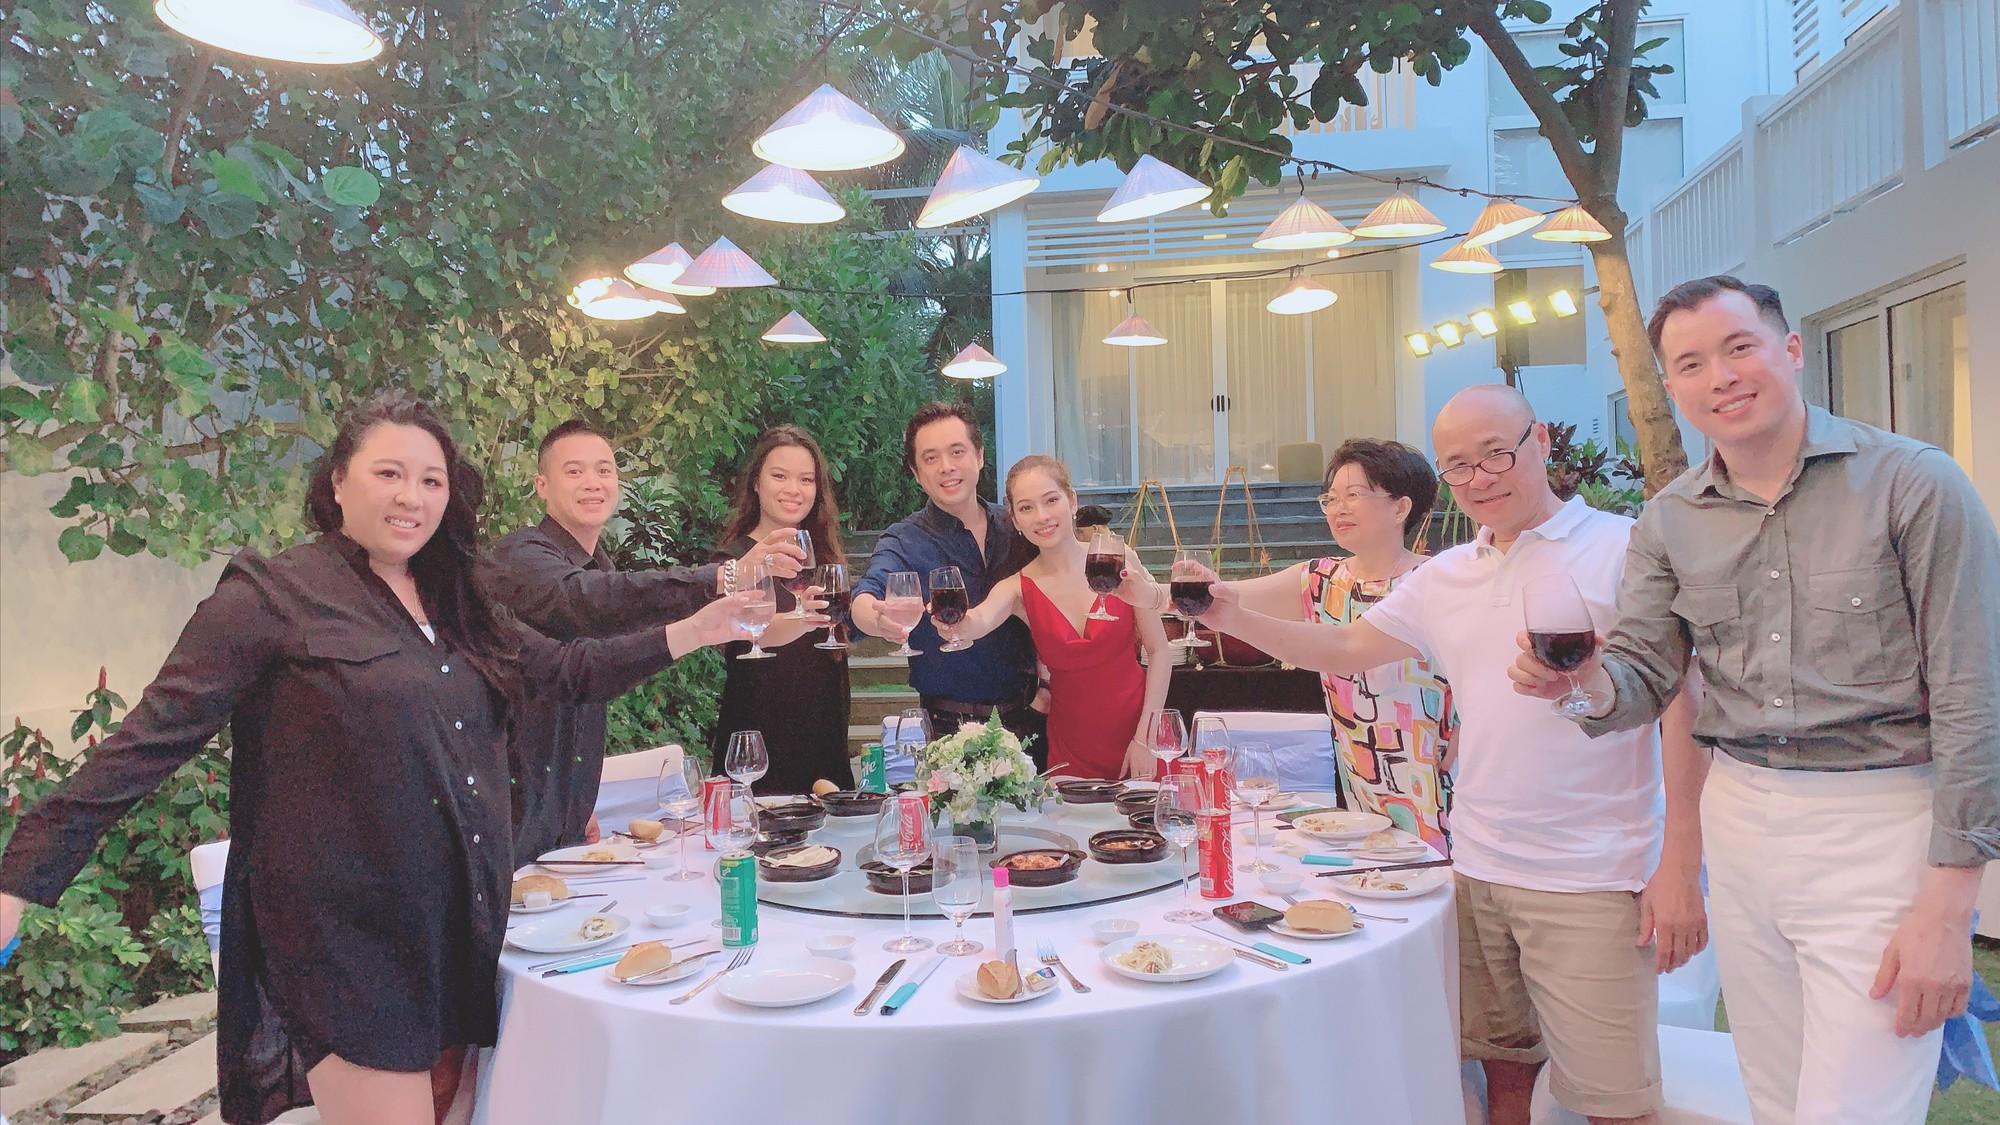 Đưa nàng đến Khu nghỉ dưỡng biển sang trọng hàng đầu thế giới dành cho gia đình, Dương Khắc Linh được vợ mới cưới hết lòng ca ngợi - Ảnh 5.